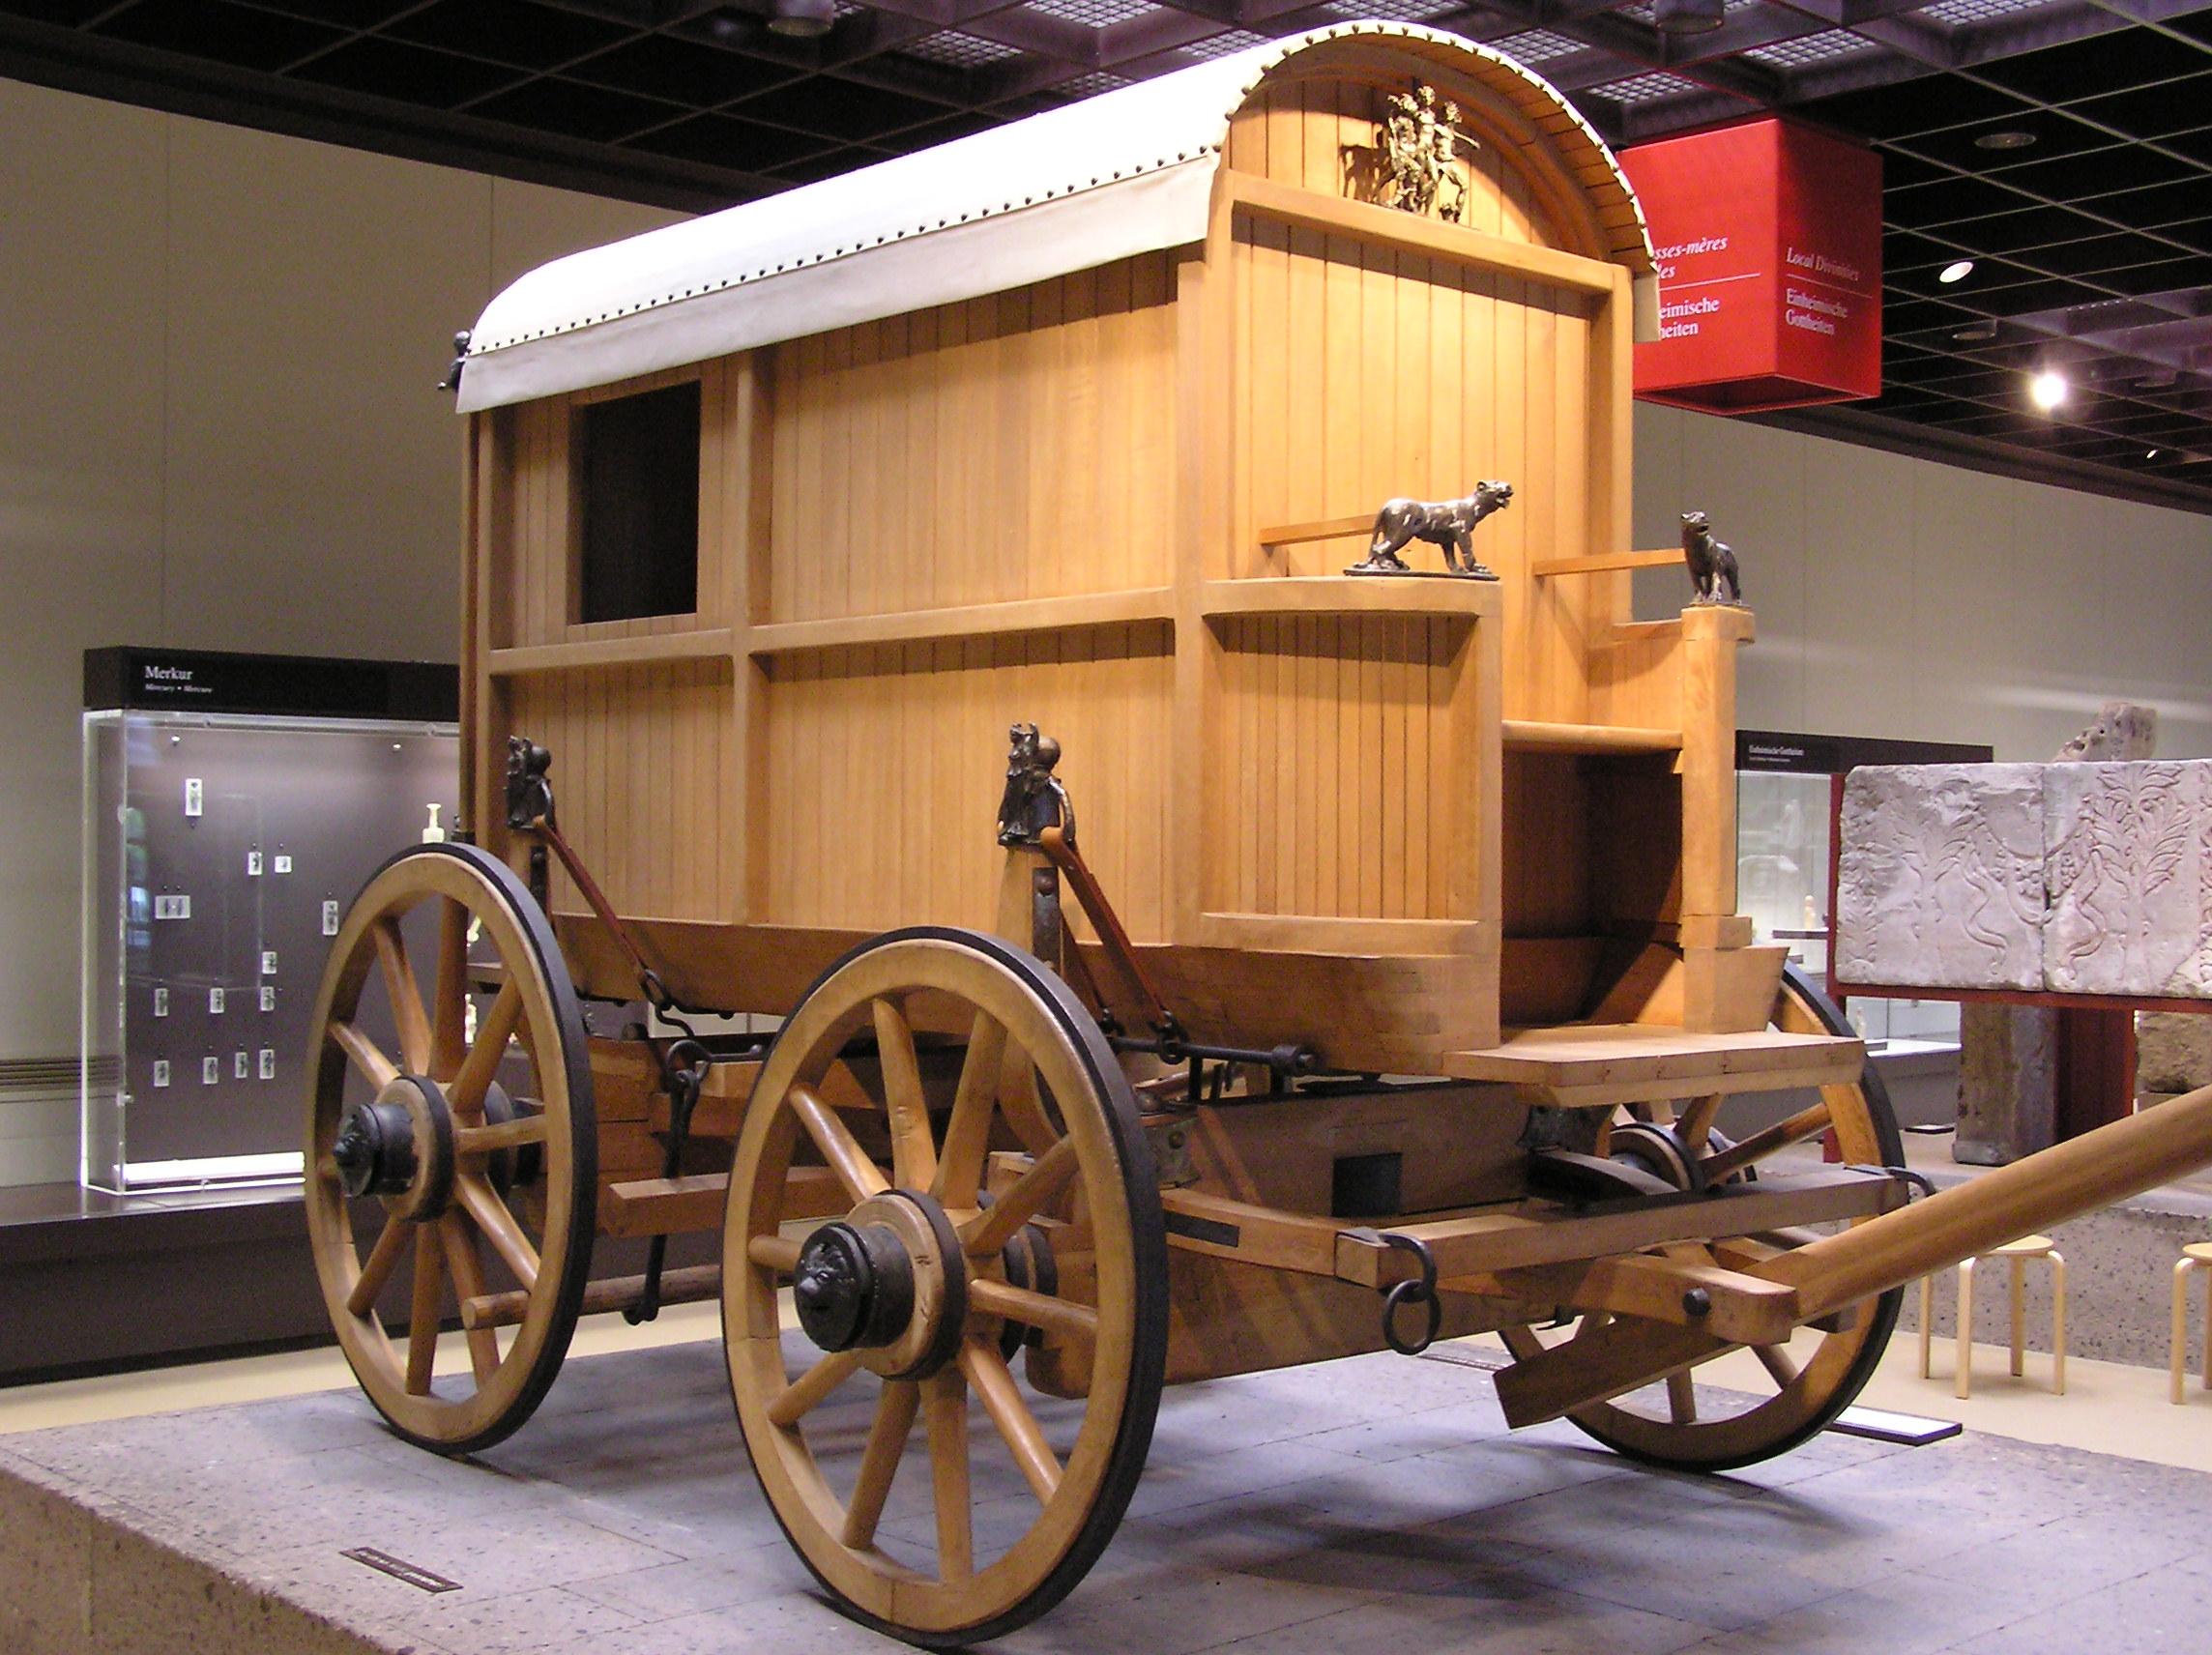 上图:罗马马车的复制品。牛车是罗马道路上常见的交通工具,也有日行40至50公里的马车。罗马道路每隔25至30公里就有驿站供官方使用,也有私营旅馆,但有些声名狼藉,因为常被小偷光顾、或被妓女当作卖淫场所。当时信徒外出,通常是找当地的信徒接待。